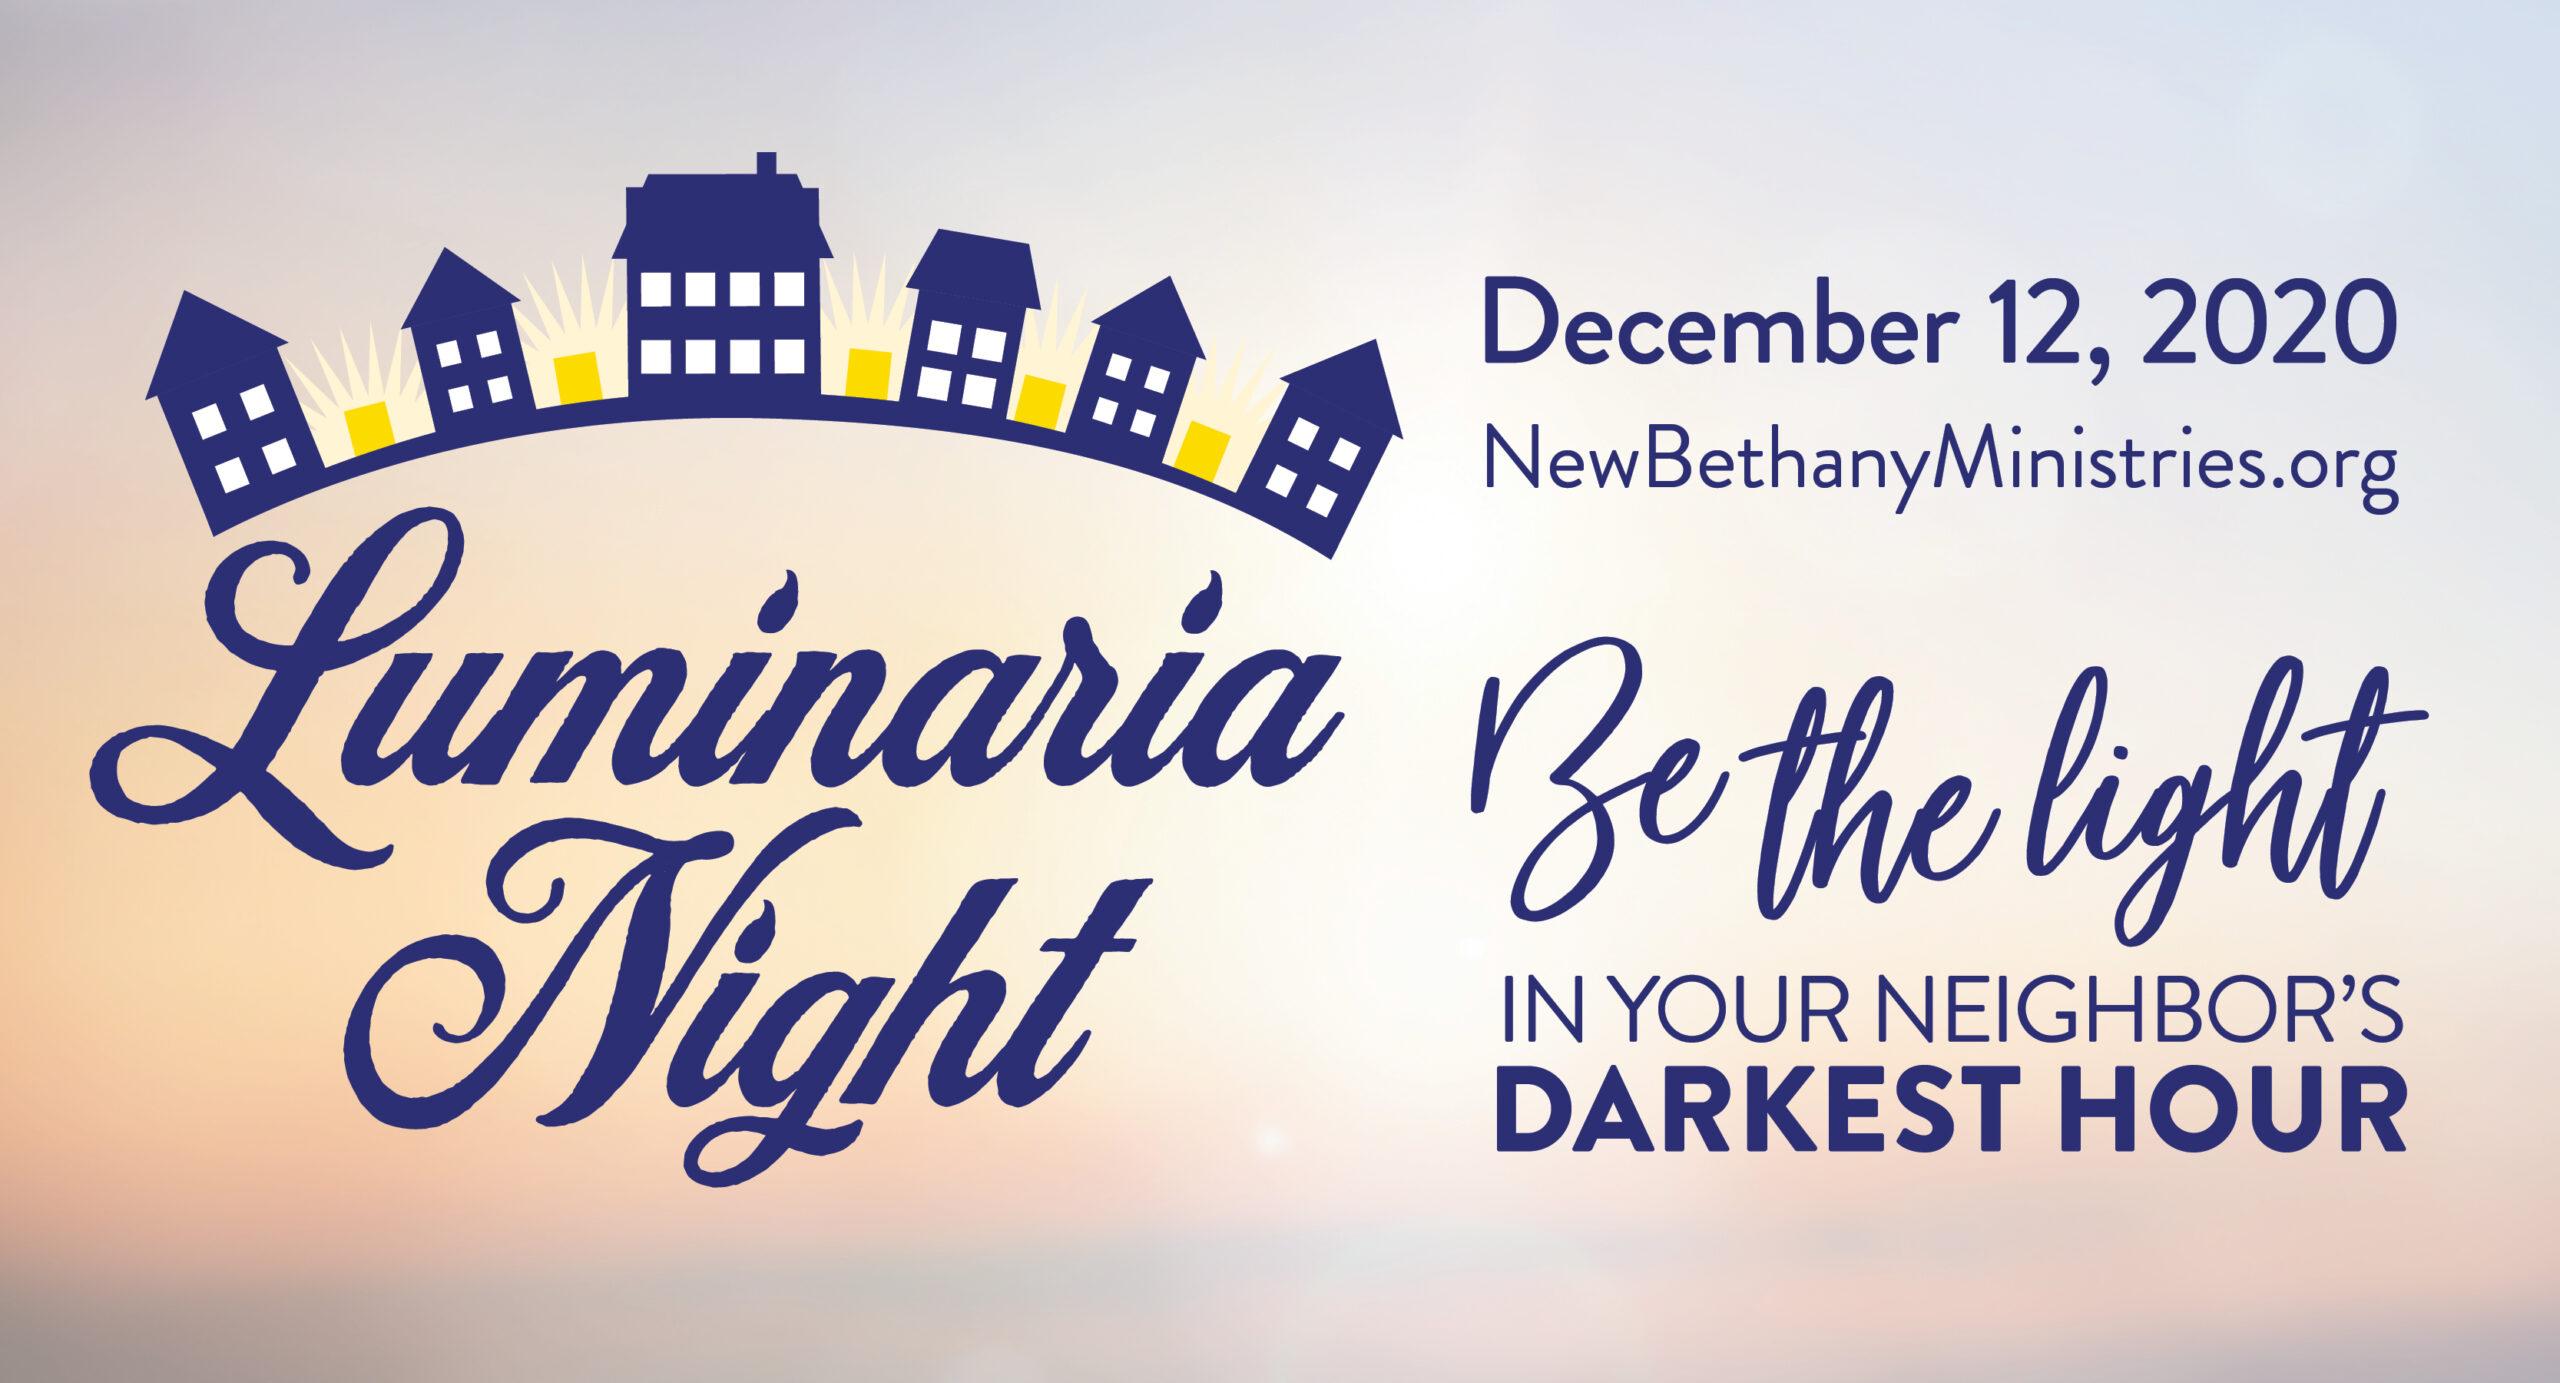 Luminaria Night 2020